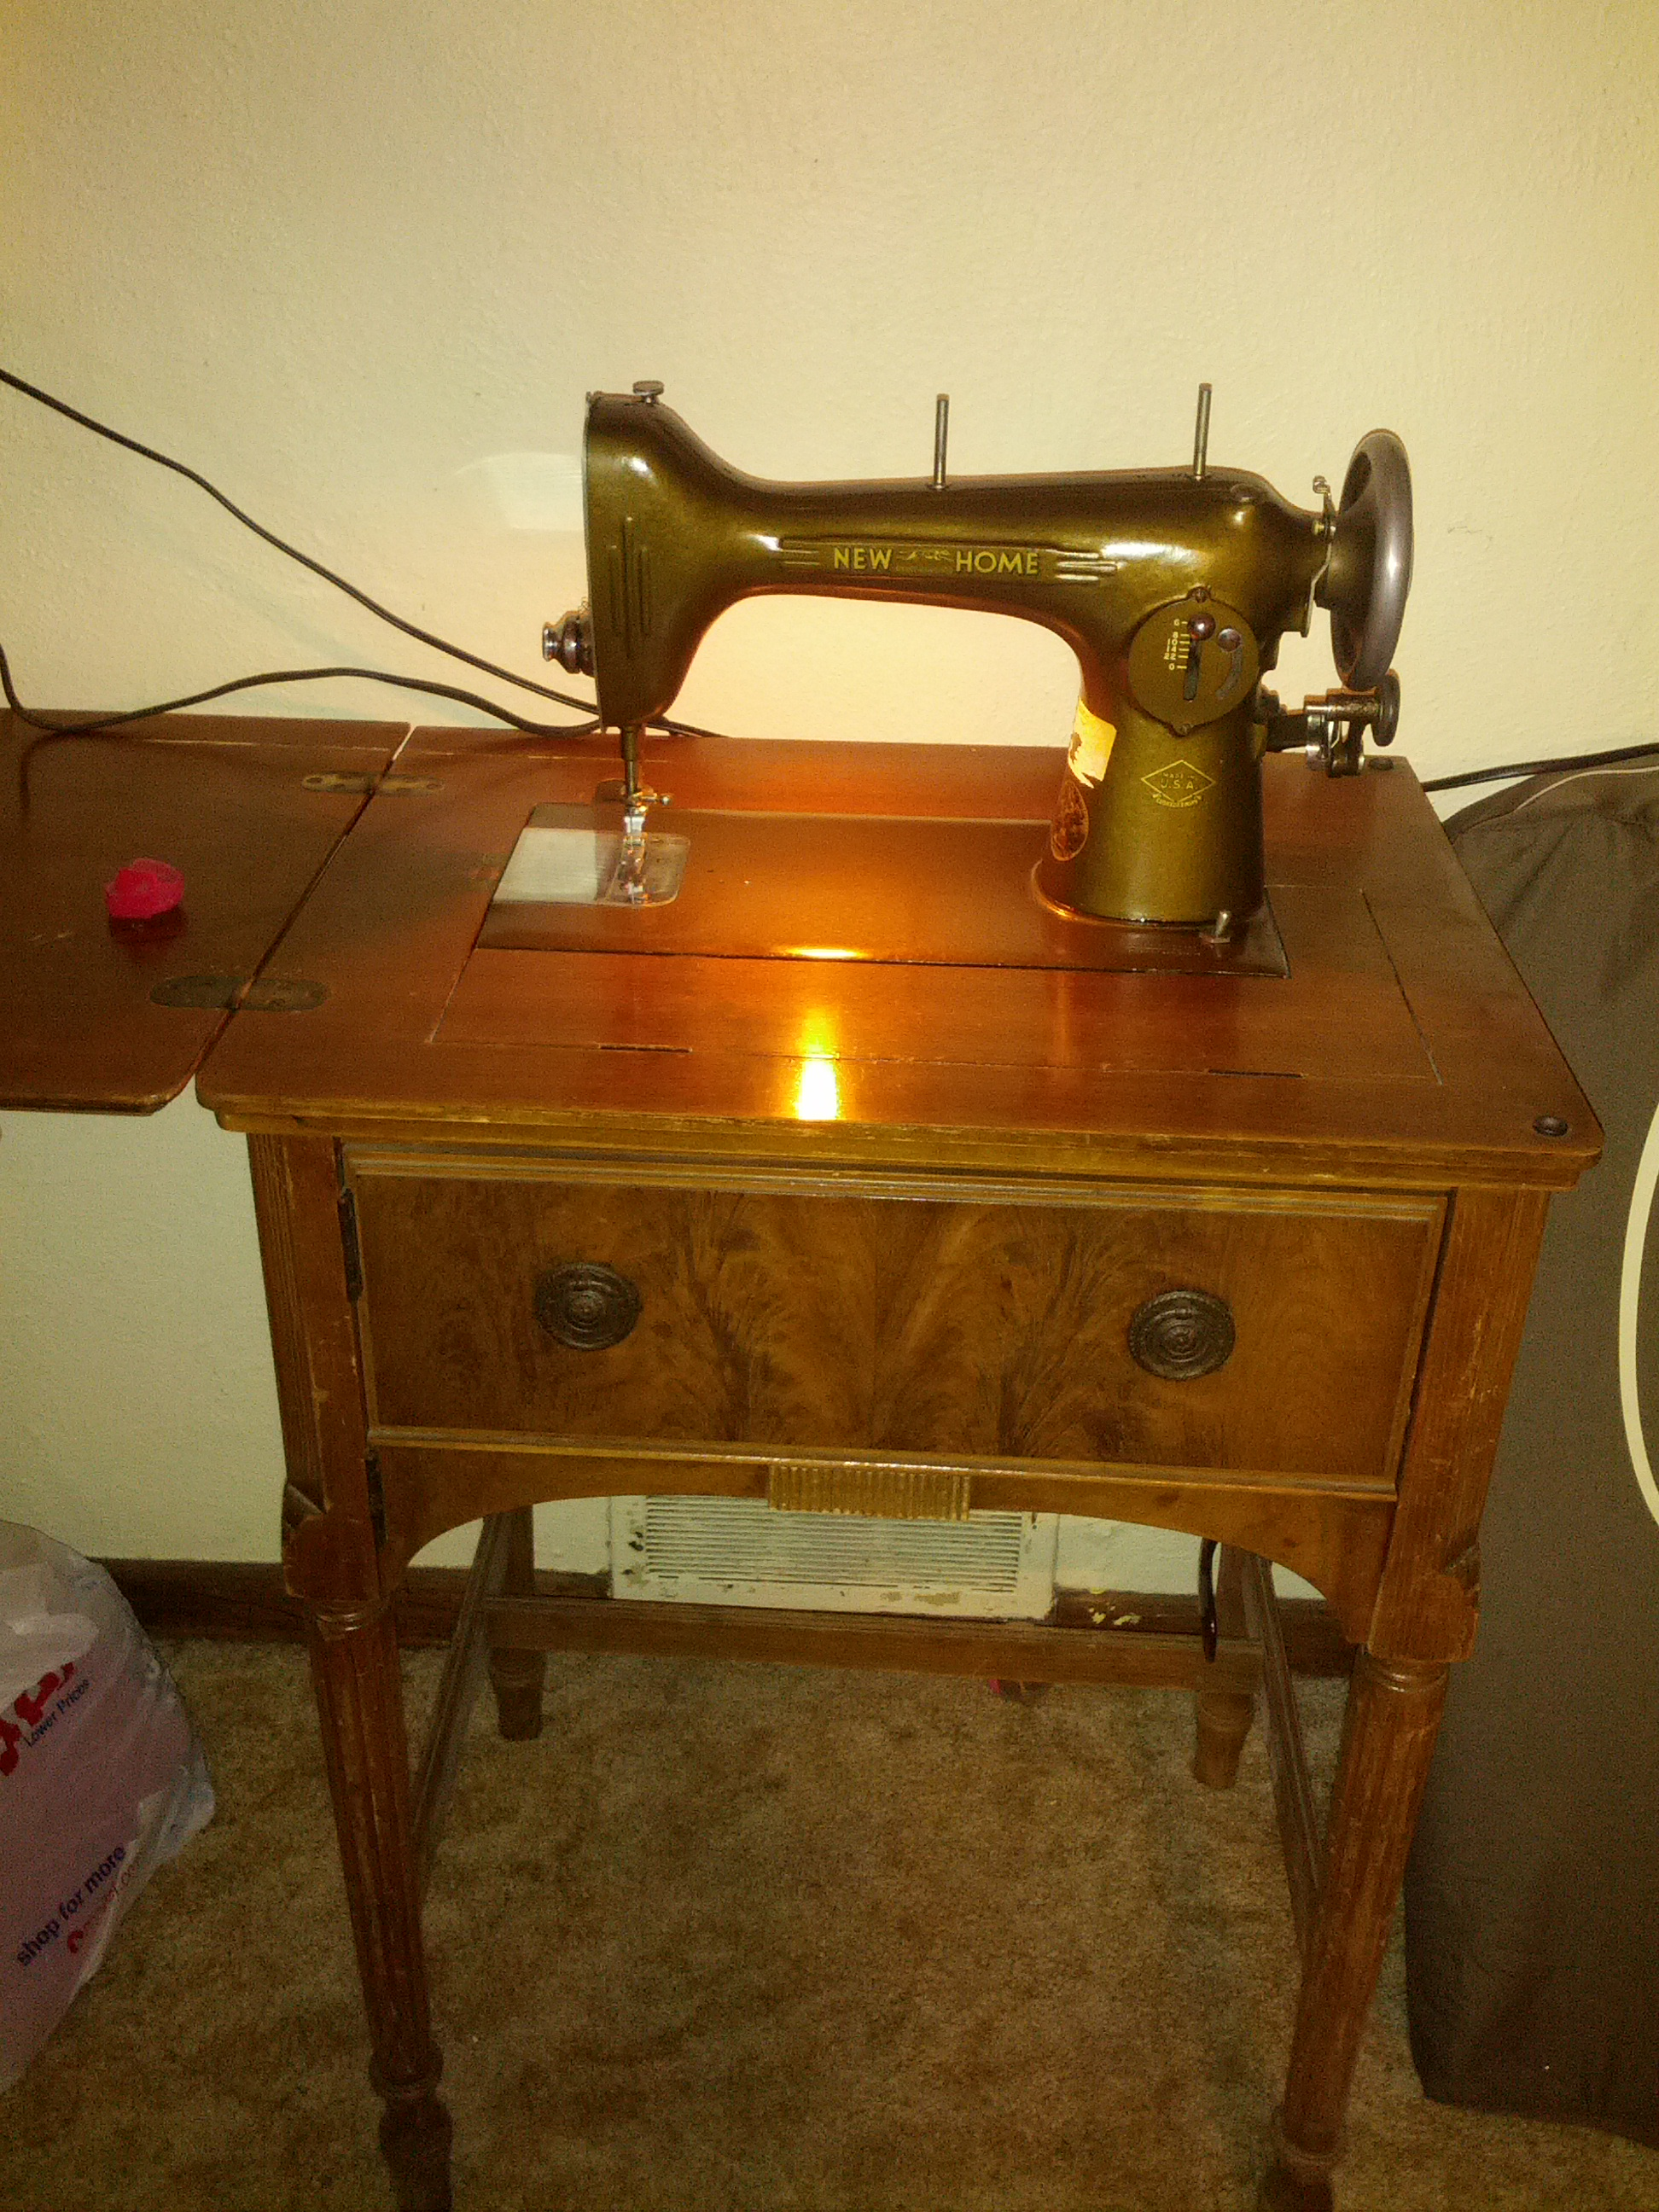 Vintage New Home Sewing Machine : vintage, sewing, machine, Sewing, Machine